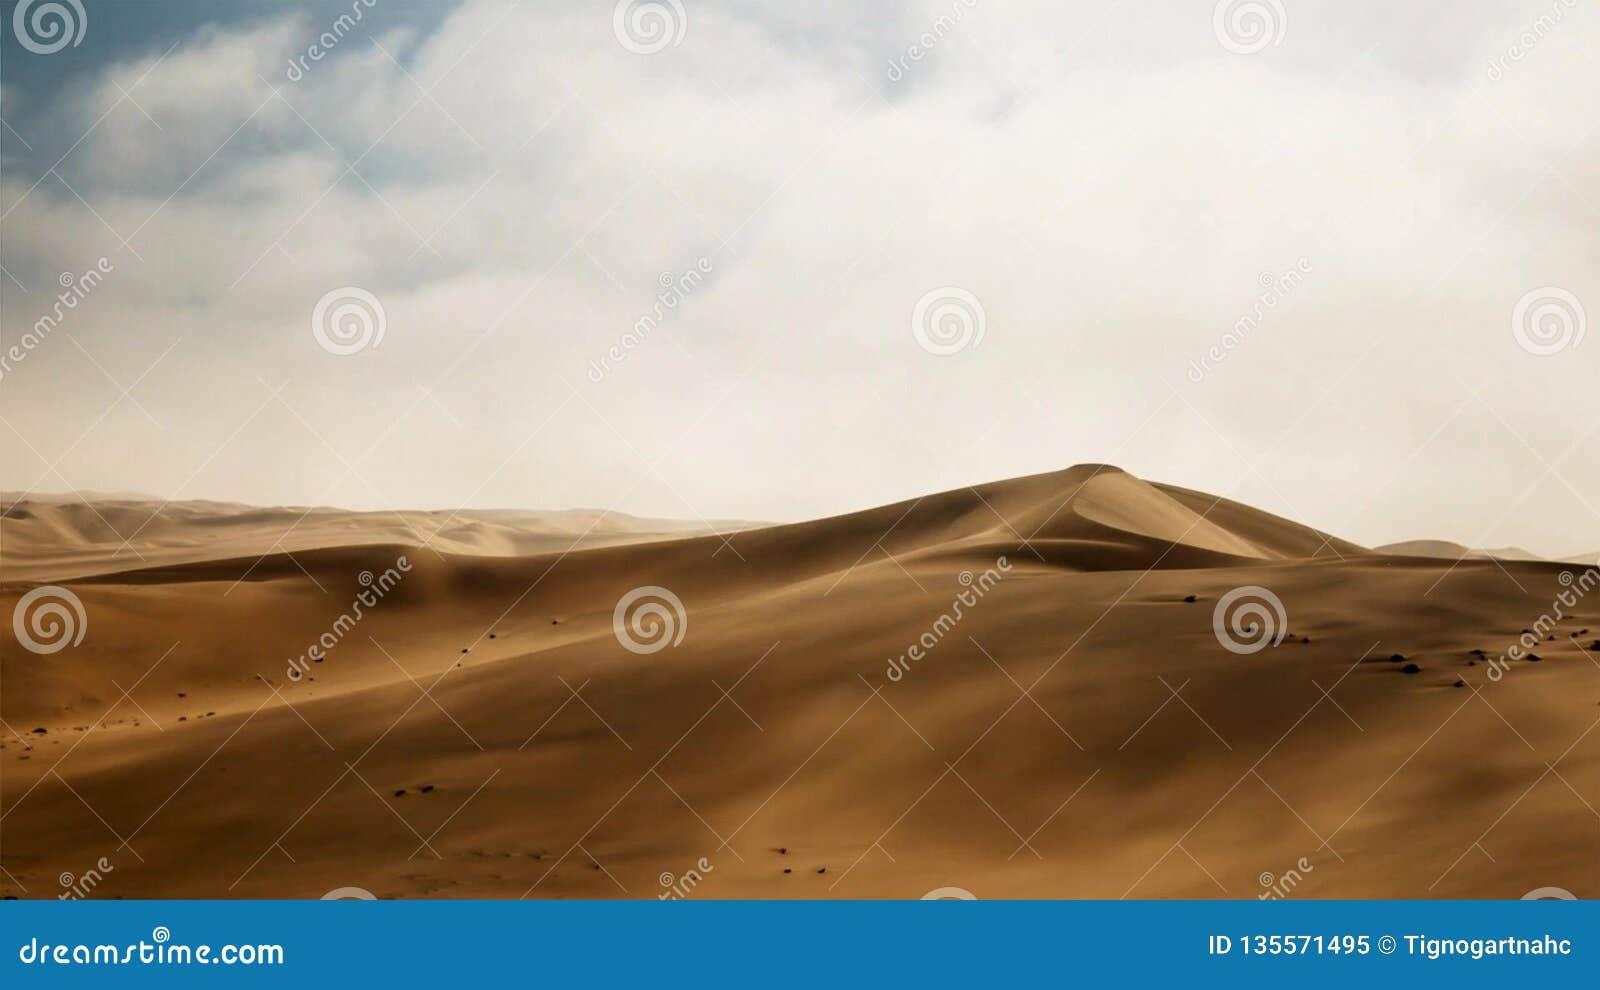 Dunas del desierto en el desierto de Namib, Namibia, África